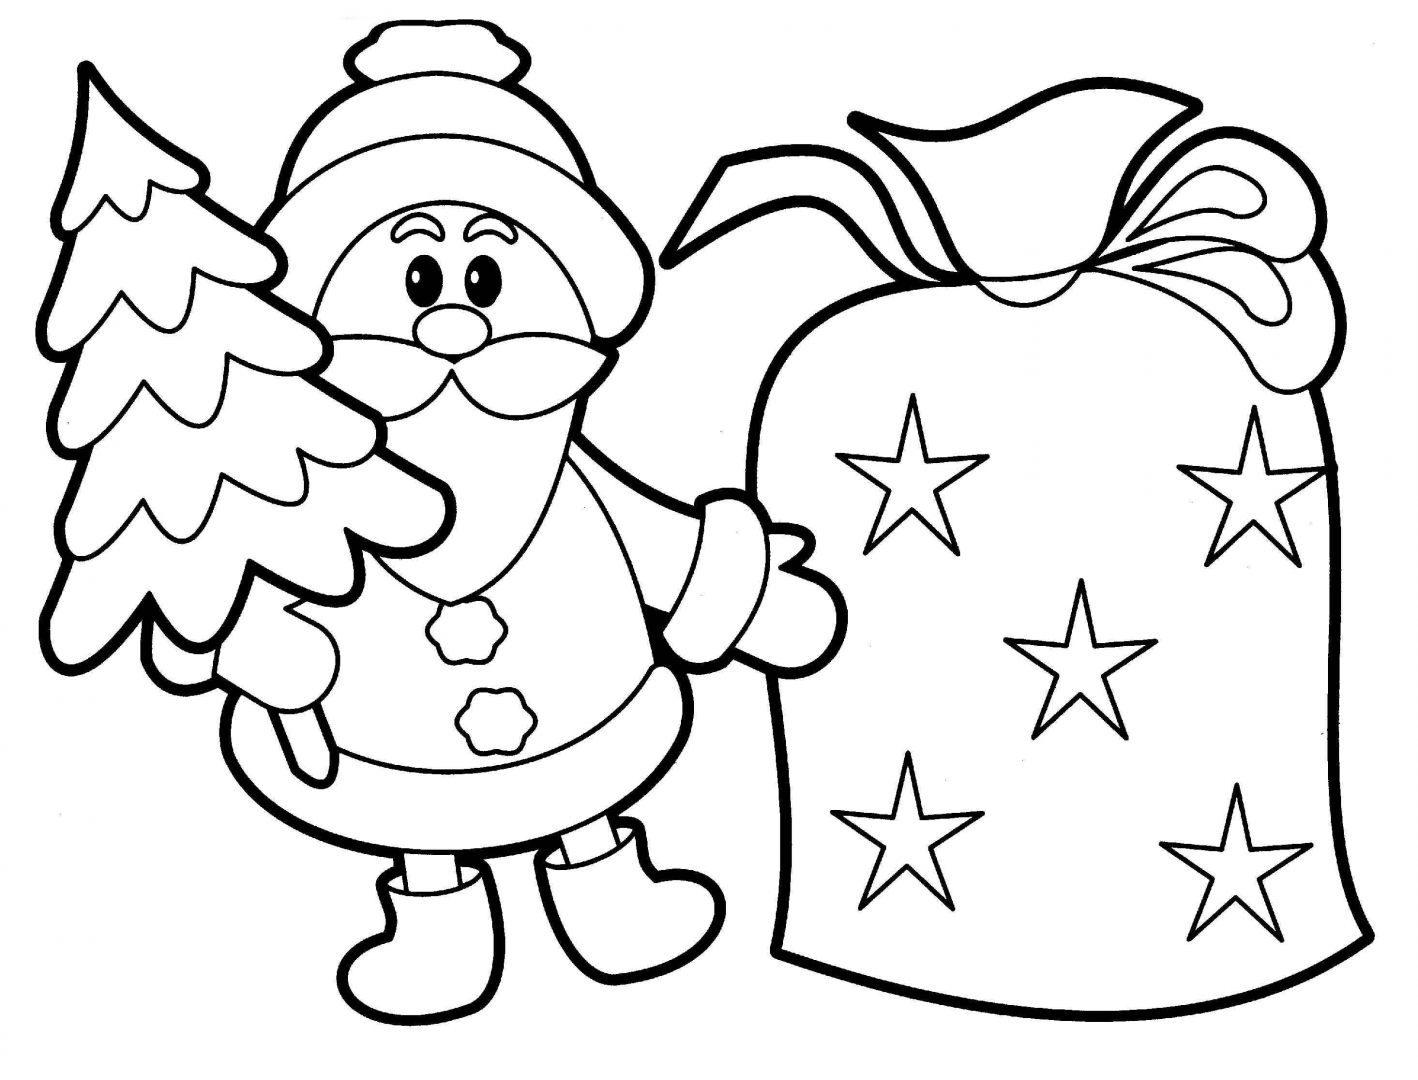 imagen-de-santa-claus-con-pino-de-navidad-para-dibujar-y-colorear ...